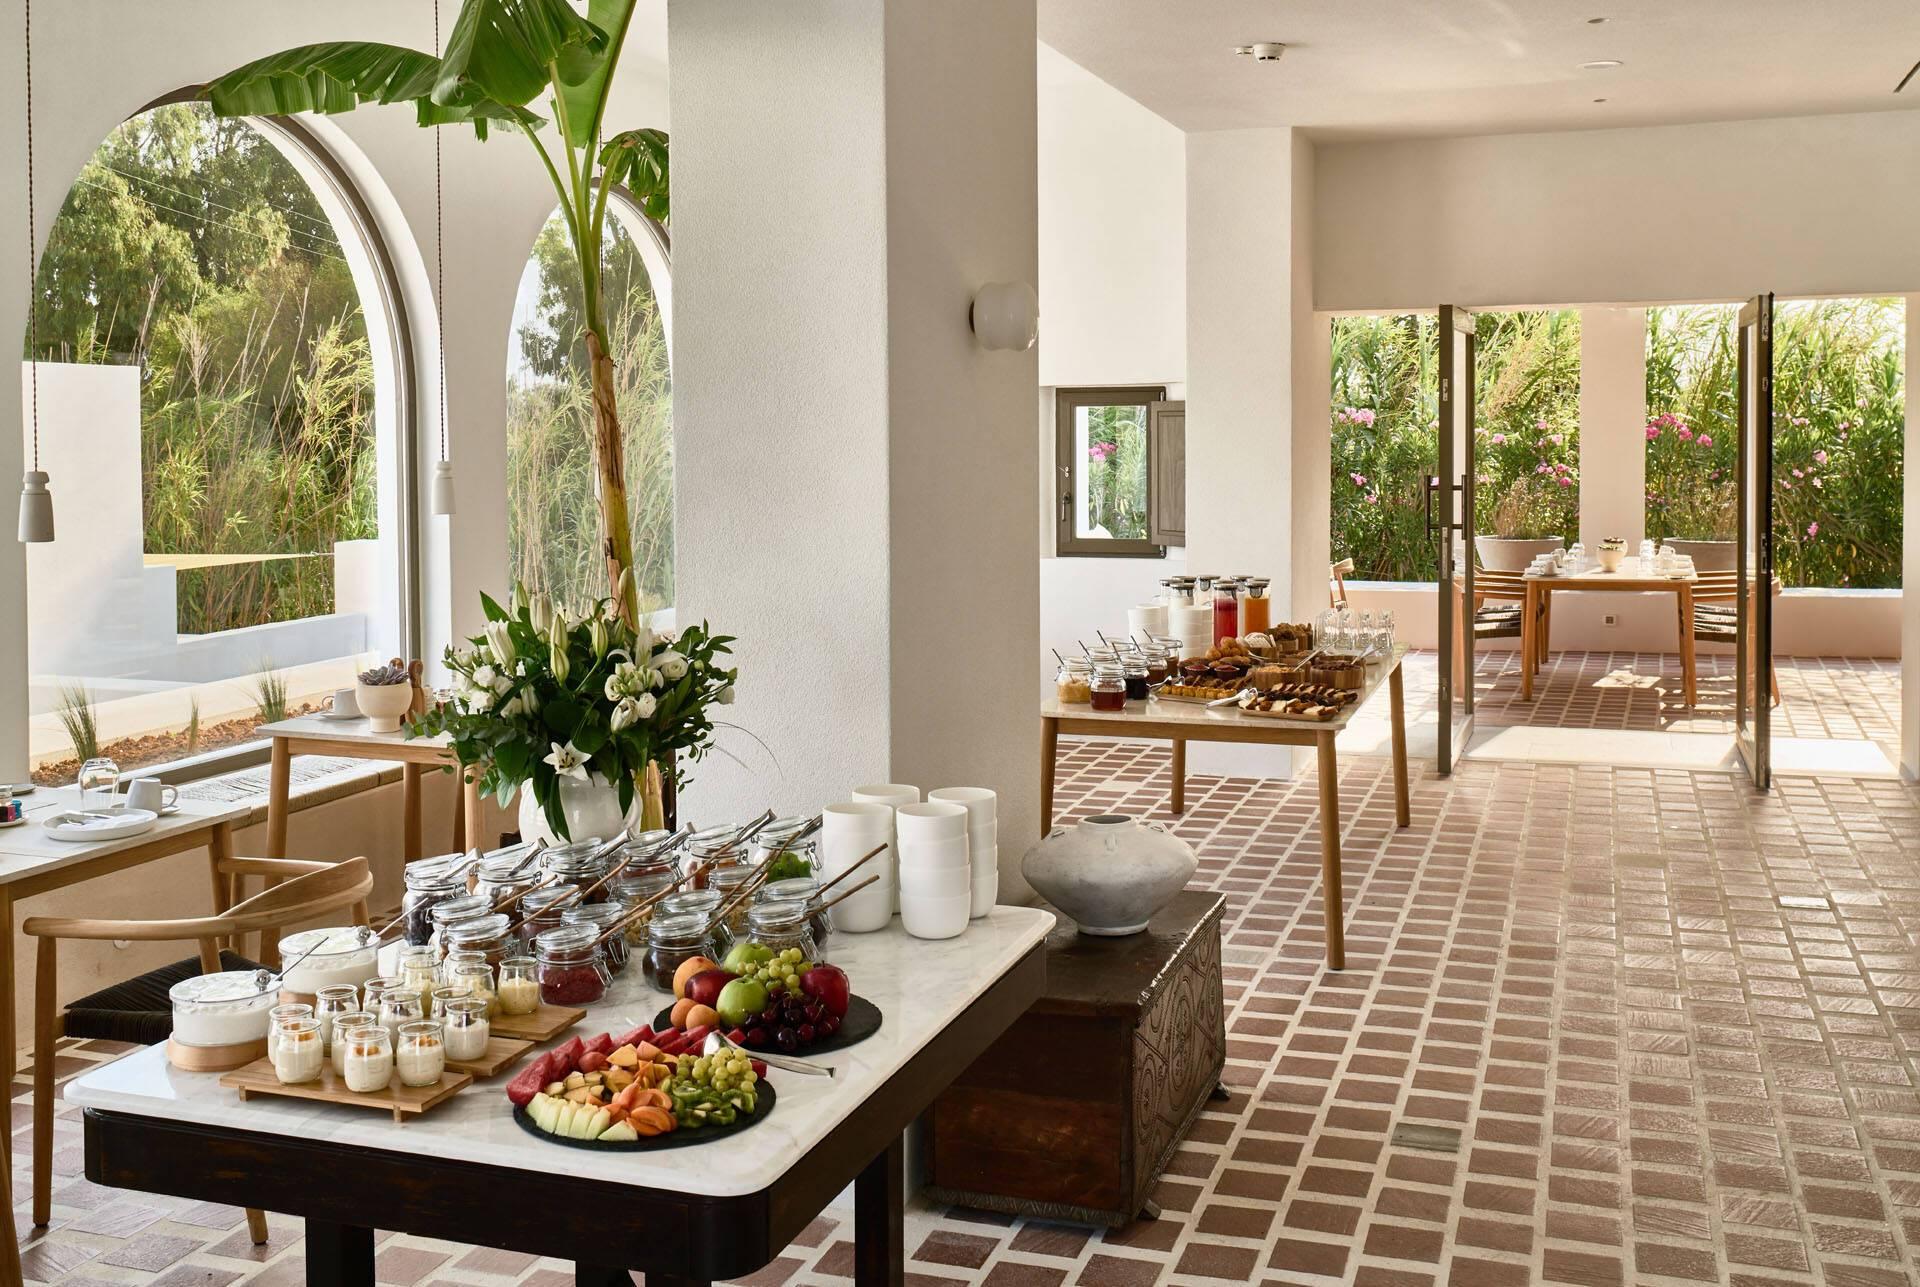 Sejour grece paros parilio Breakfast